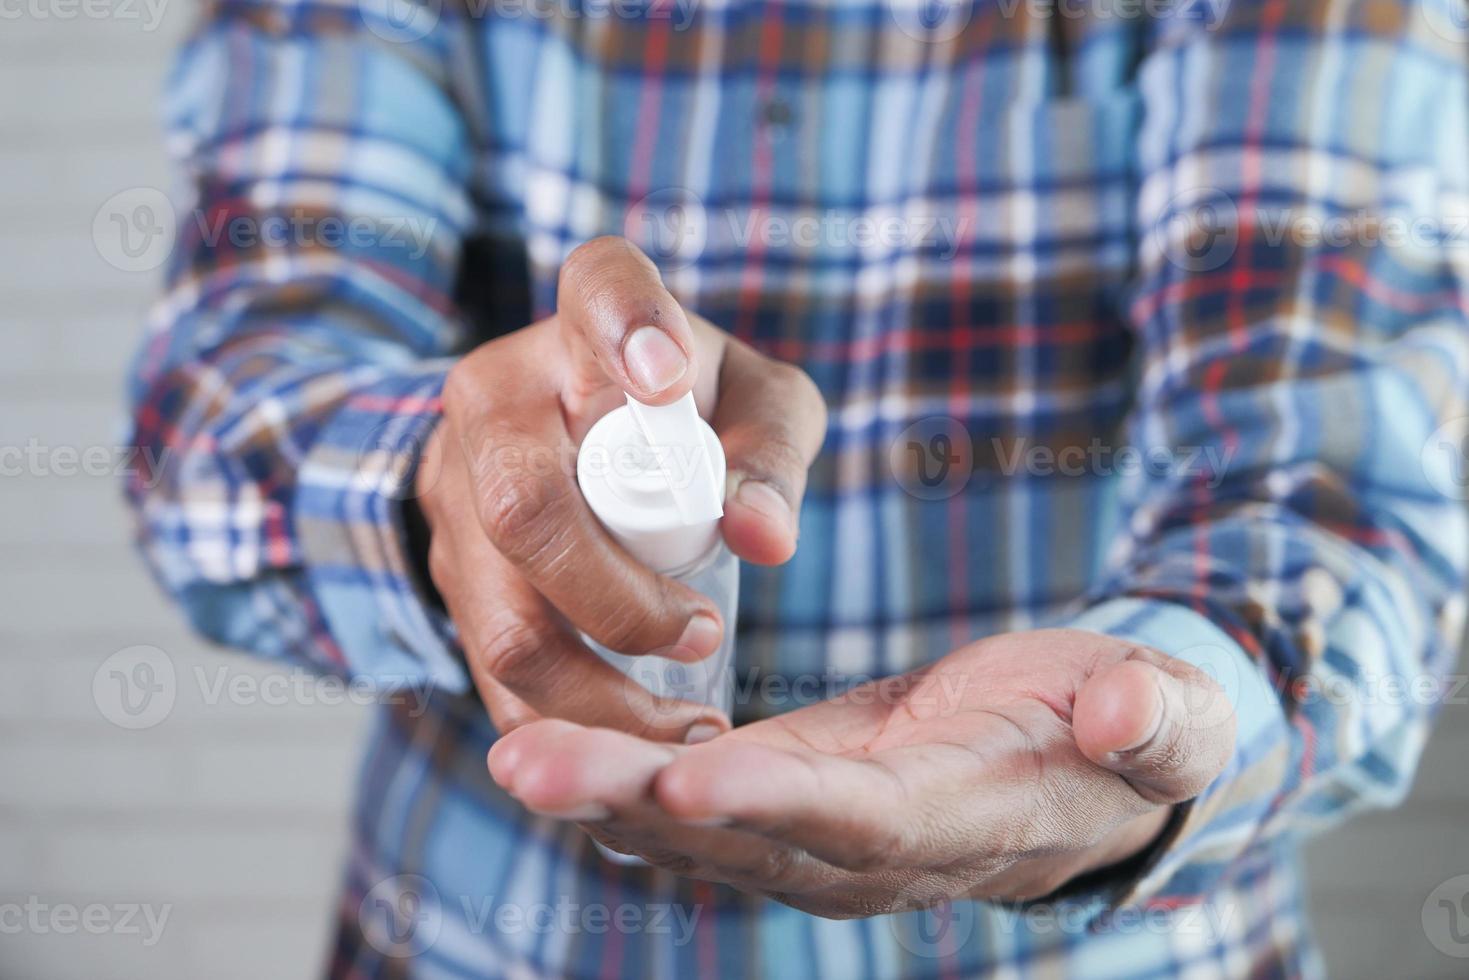 man använder handdesinfektionsmedel foto